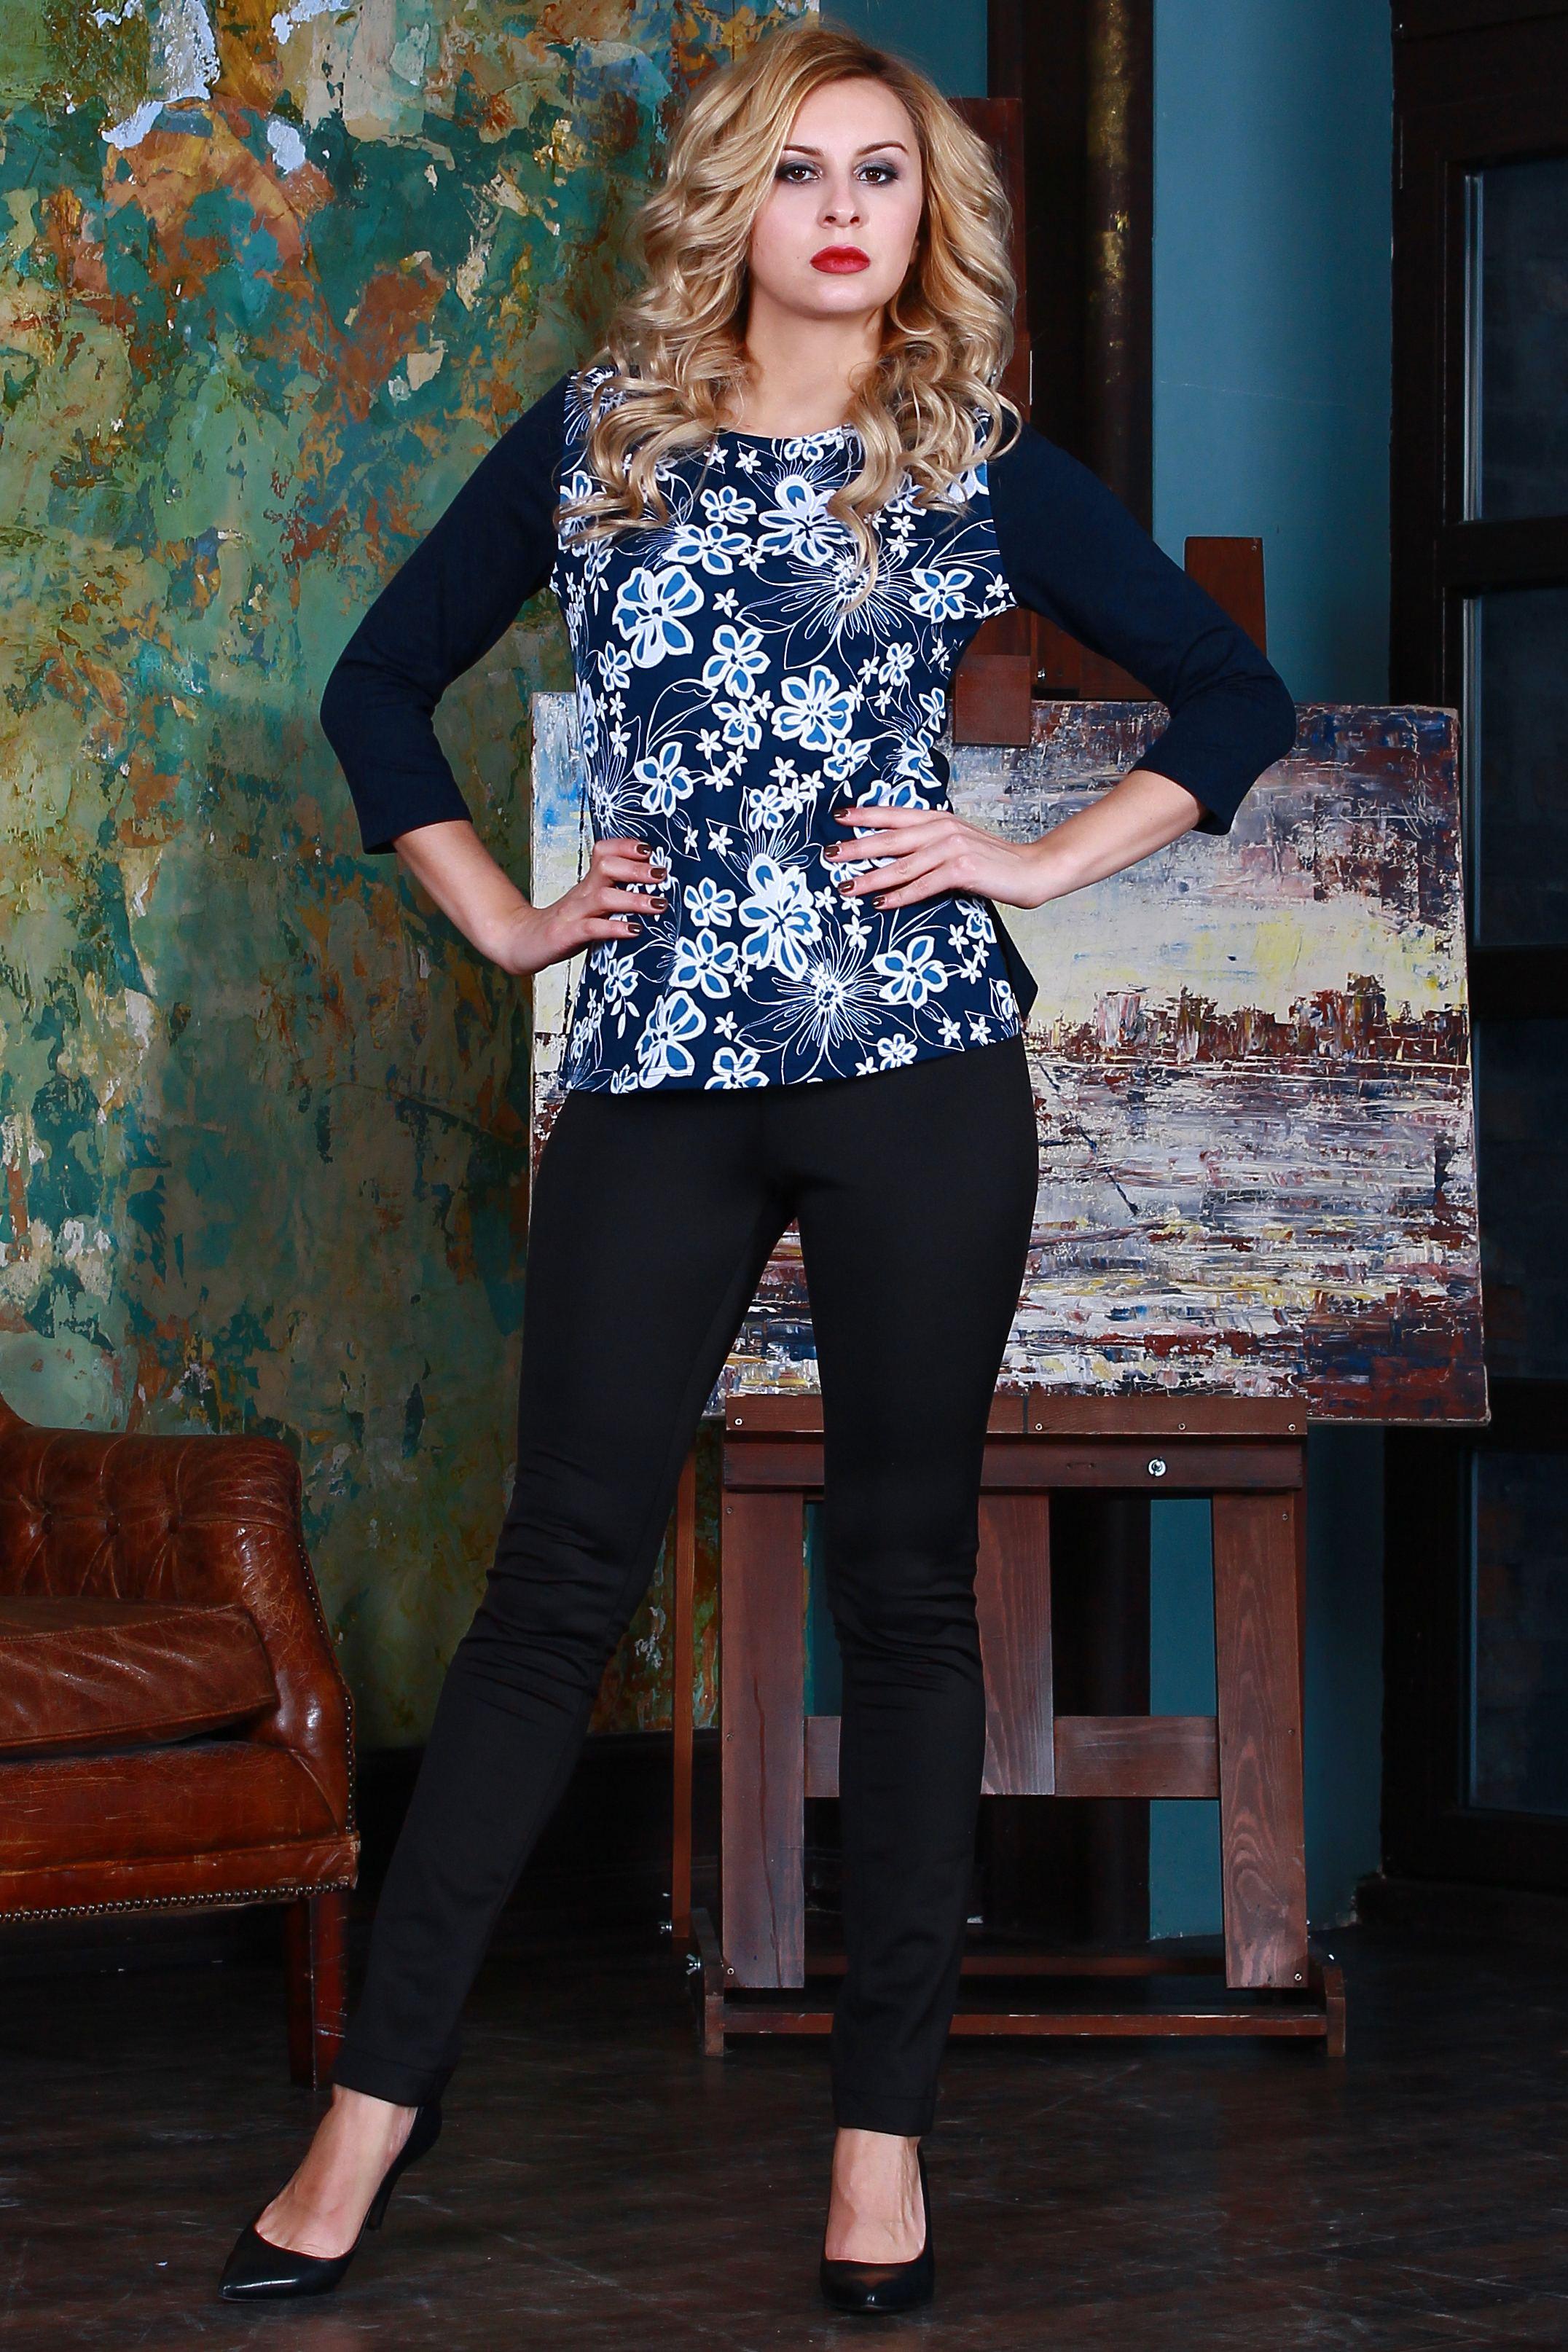 БлузкаБлузки<br>Комбинированная блуза из полушерстяного трикотажного полотна прямого силуэта с небольшими разрезами по бокам, рукав втачной 3/4.  Длина изделия от 59 см до 62 см, в зависимости от размера.  Цвет: синий, белый, голубой  Рост девушки-фотомодели 175 см<br><br>Горловина: С- горловина<br>По материалу: Трикотаж<br>По образу: Город,Свидание<br>По рисунку: Растительные мотивы,С принтом,Цветные,Цветочные<br>По сезону: Весна,Зима,Лето,Осень,Всесезон<br>По силуэту: Полуприталенные<br>По стилю: Повседневный стиль<br>Рукав: Рукав три четверти<br>Размер : 44<br>Материал: Джерси<br>Количество в наличии: 1